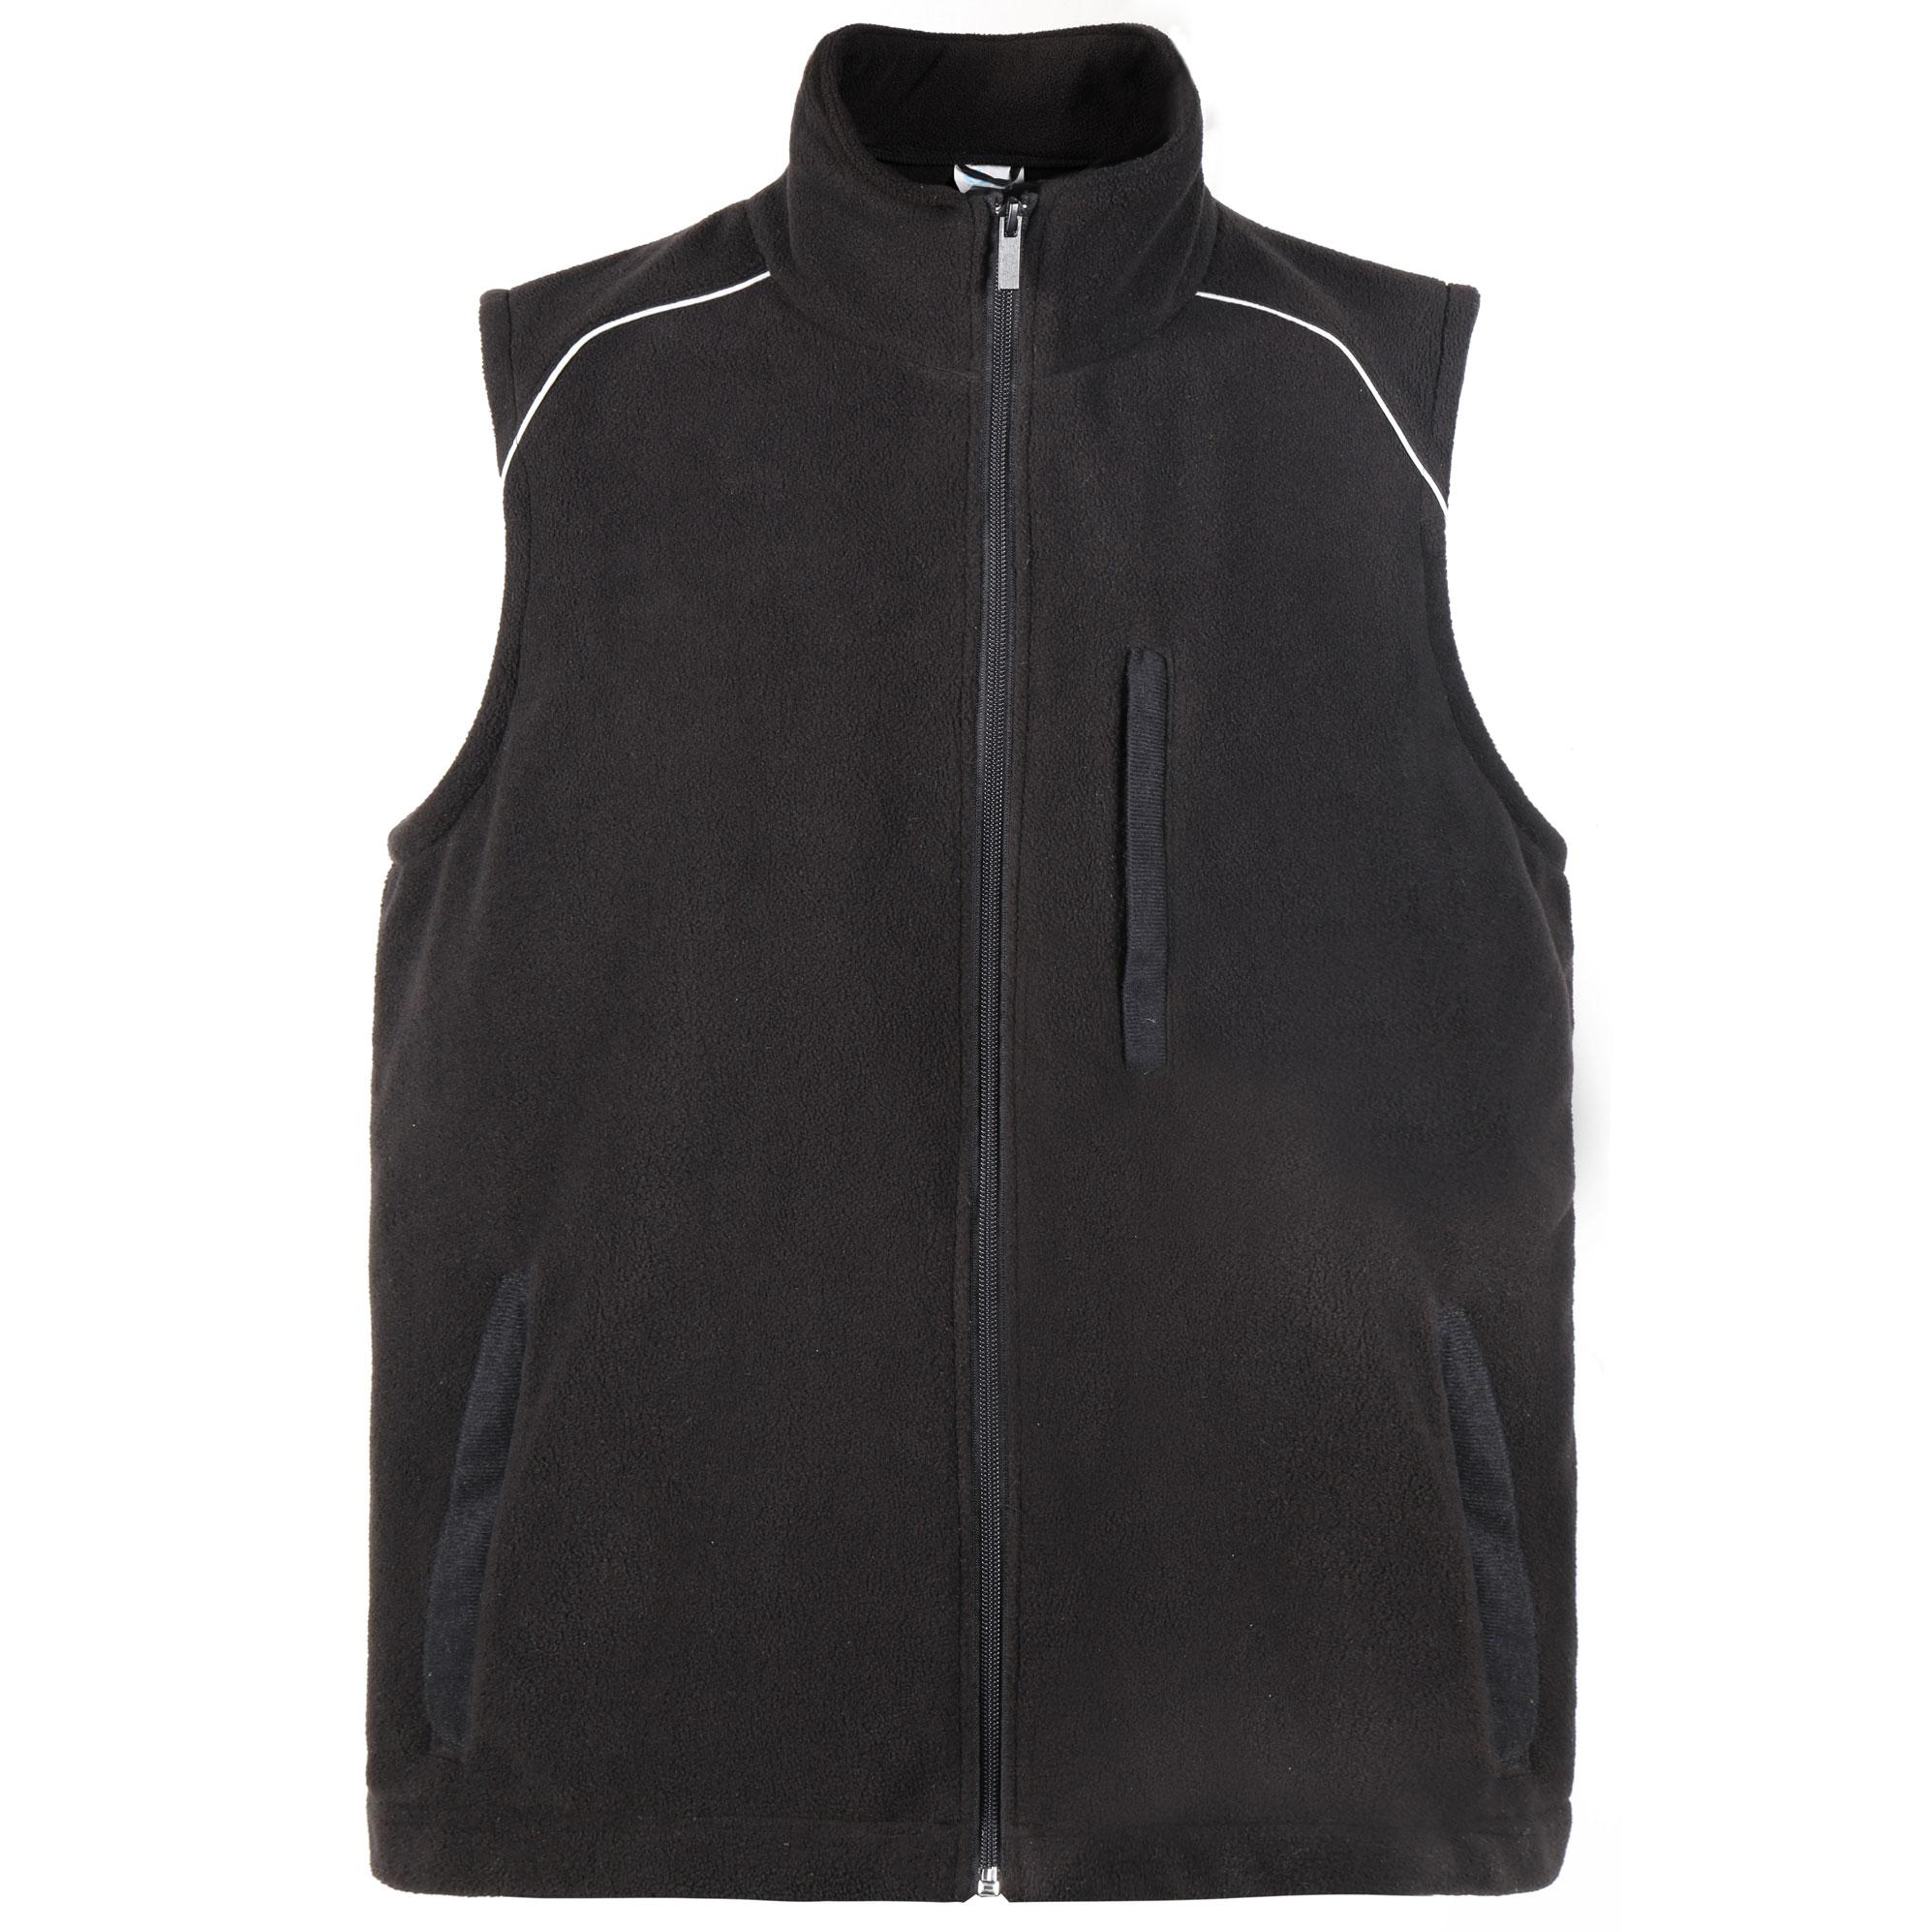 Infinity Vest-